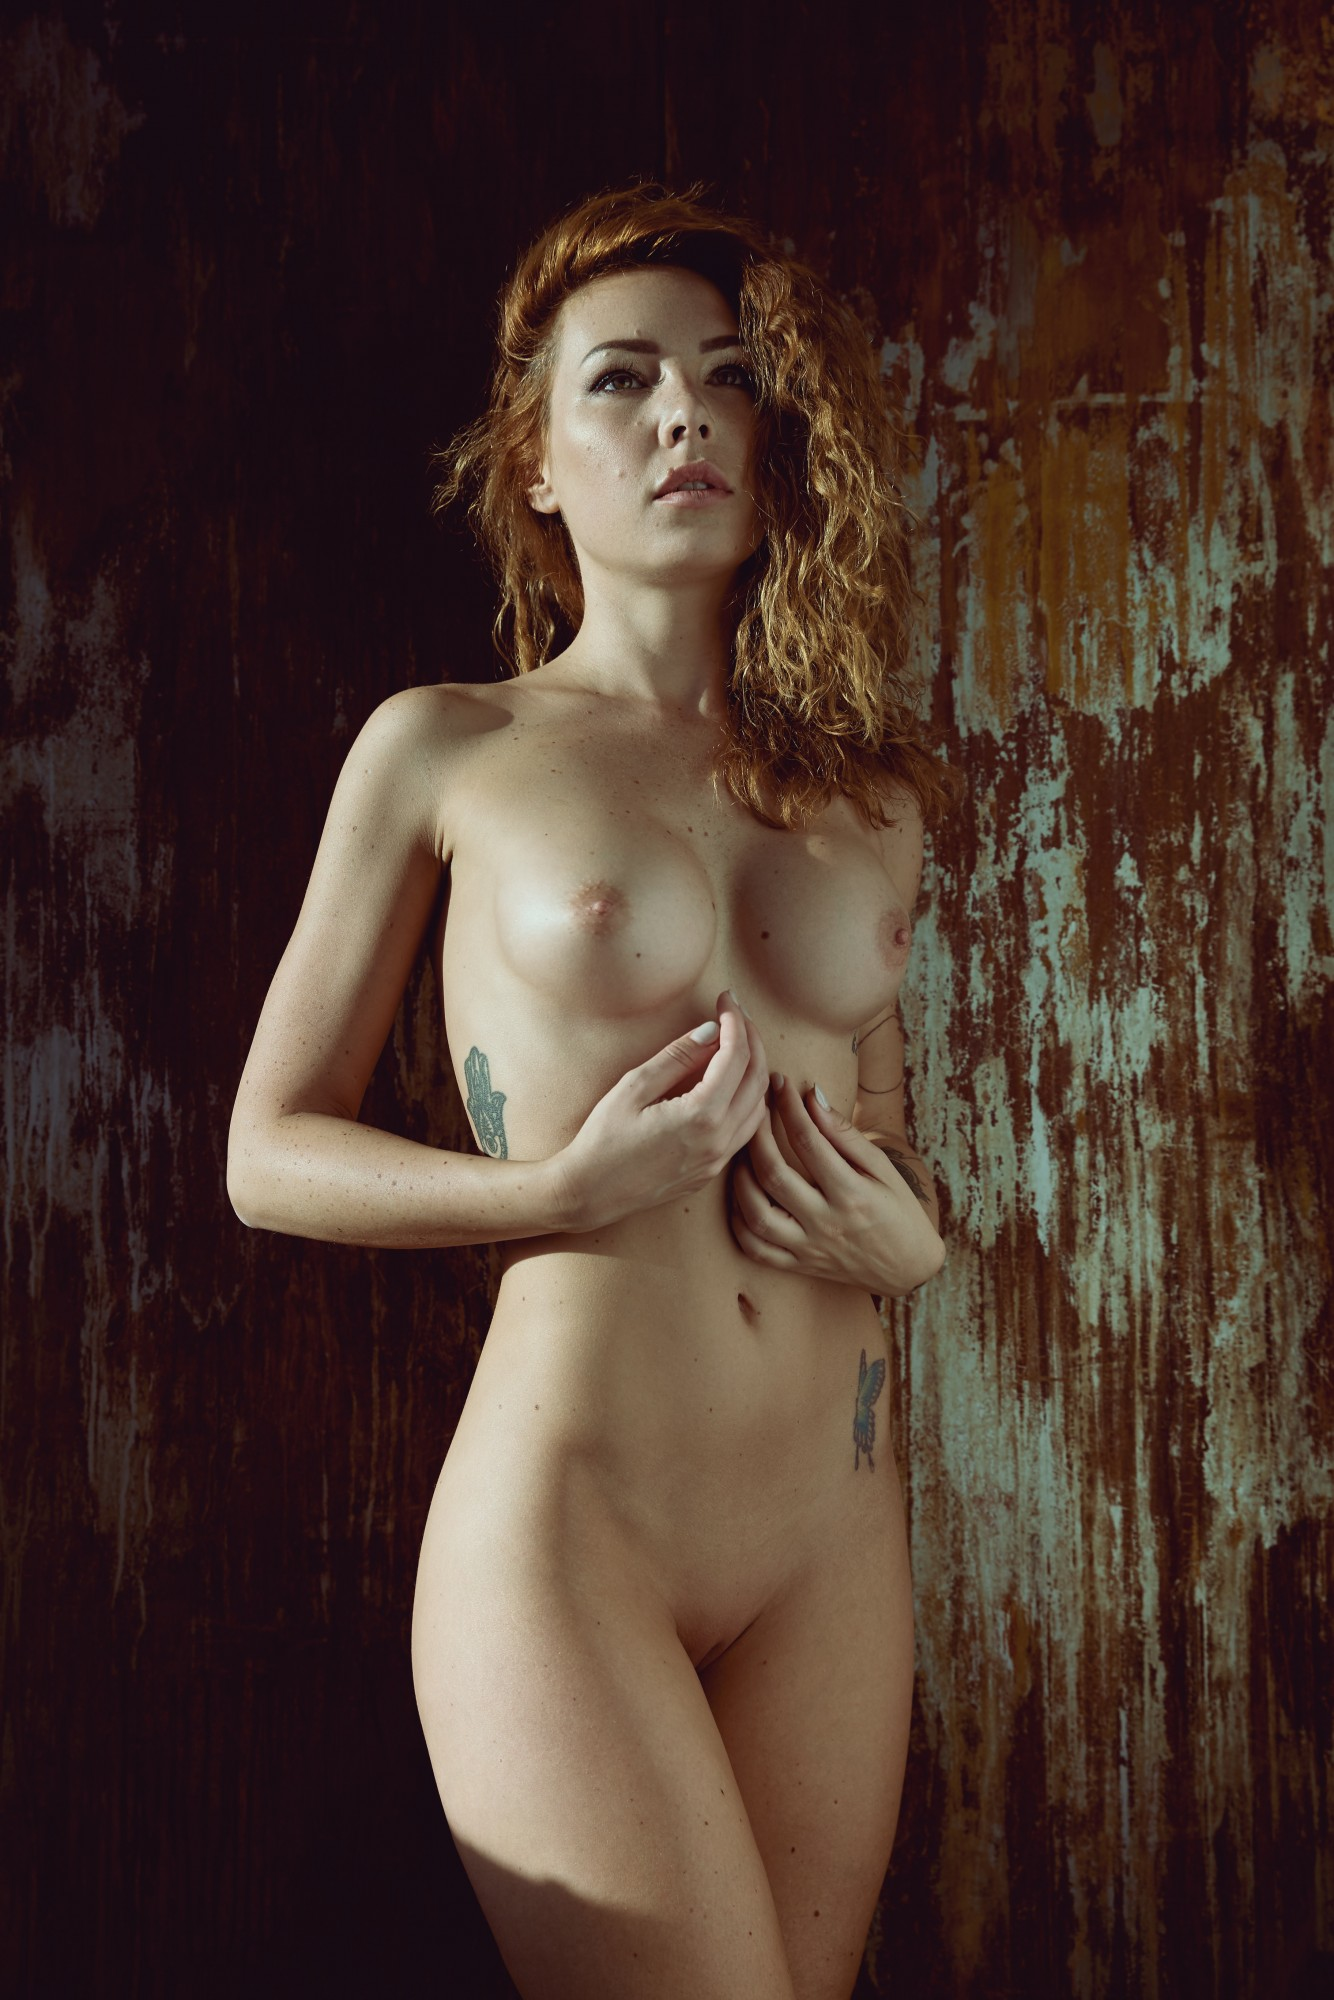 fekete bbw anális szex képek